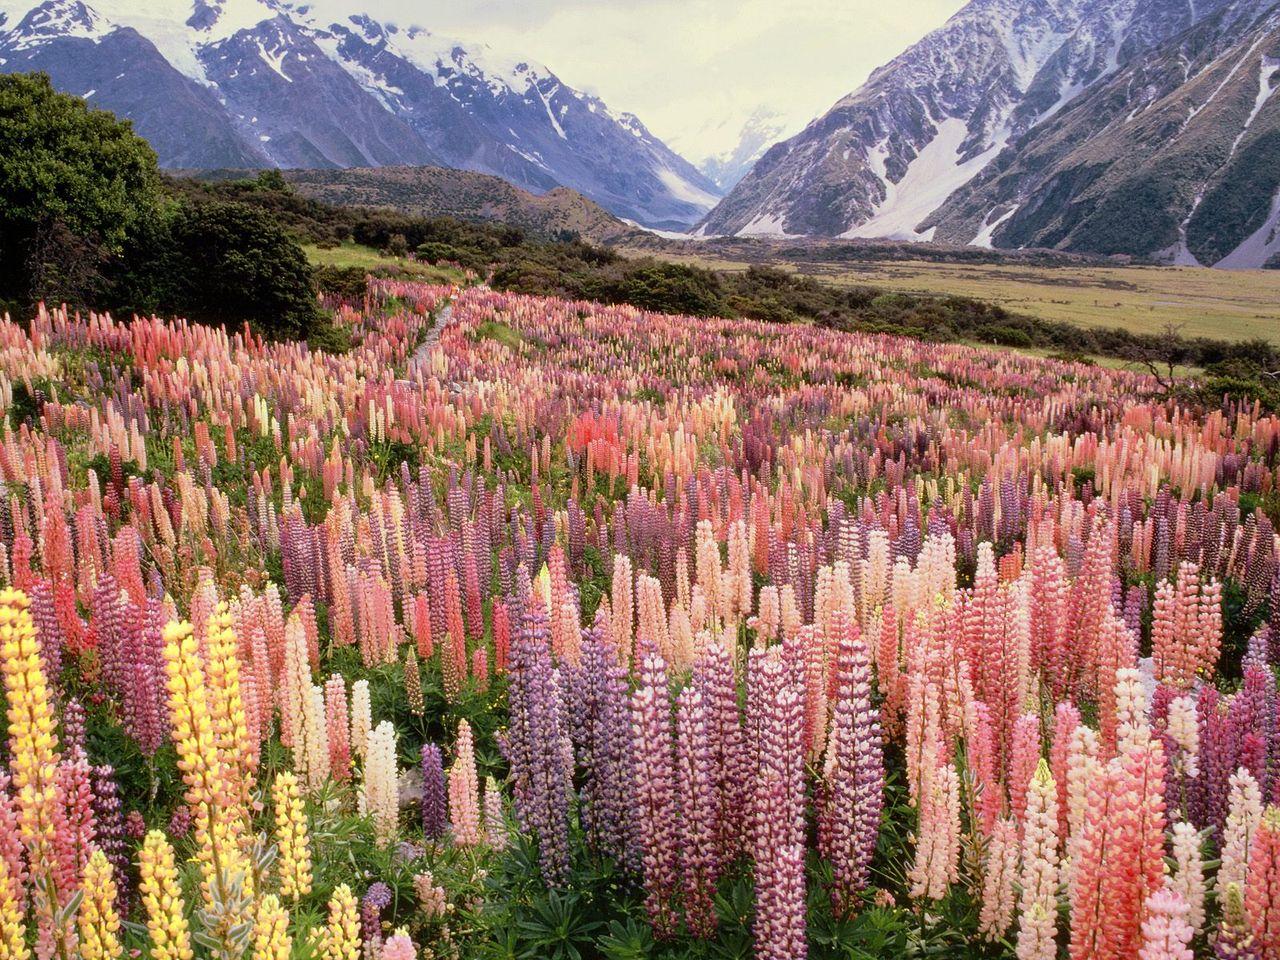 Его разноцветные соцветия длинными крупными свечами тянутся к небу.